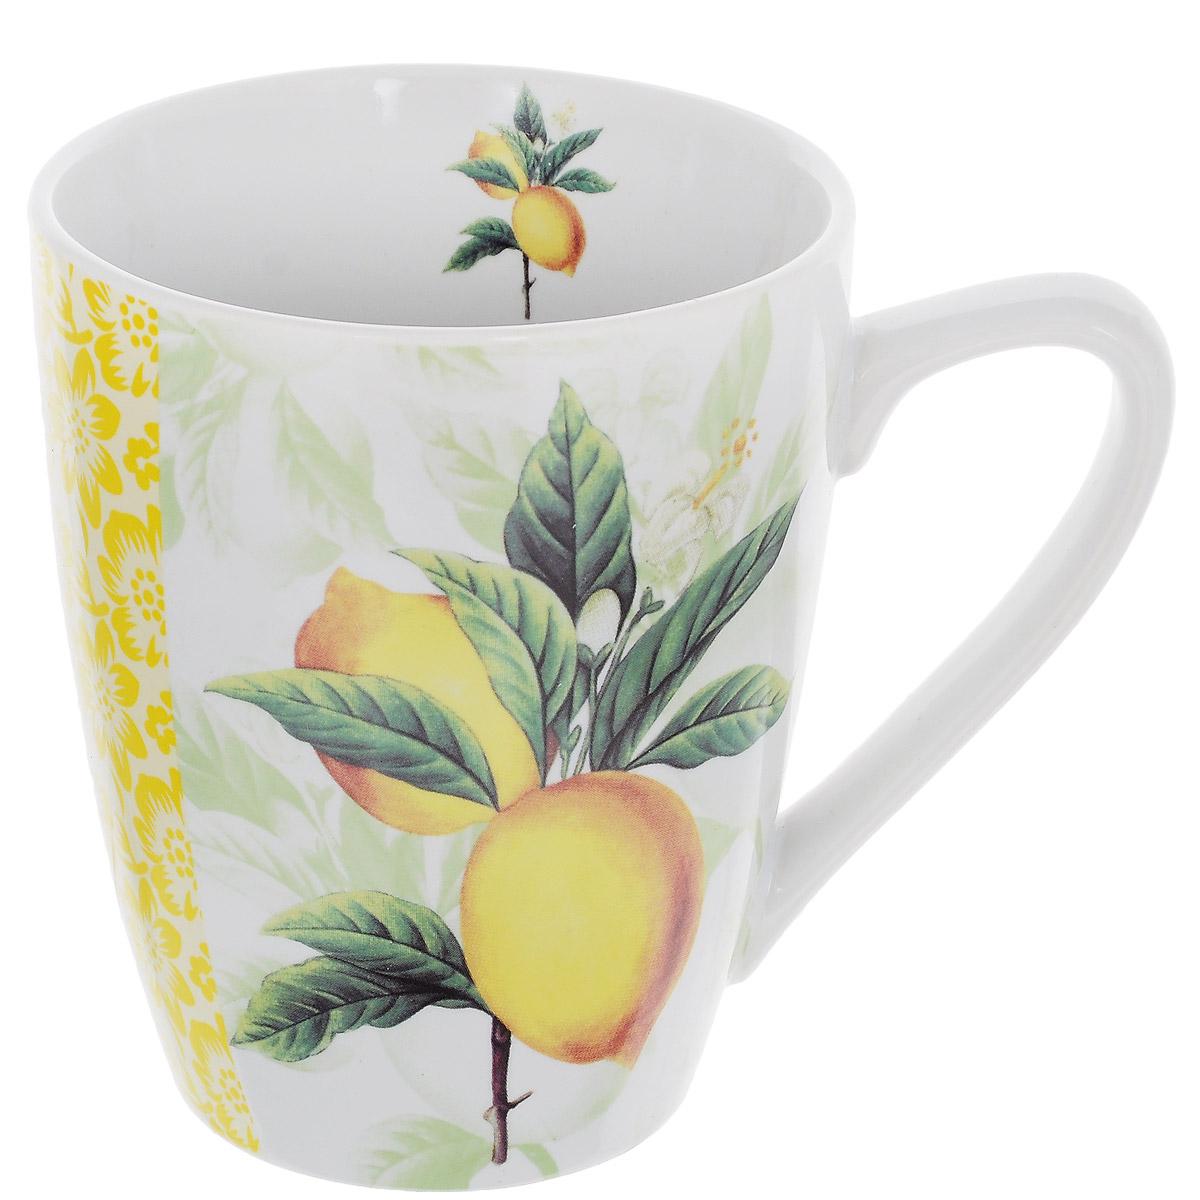 Кружка Лимон, 380 мл214180Кружка Лимон, изготовленная из высококачественной керамики, декорирована изображением двух лимонов на ветке. Такая кружка придется по вкусу ценителям утонченности и изысканности.Кружка послужит не только приятным подарком, но и практичным сувениром.